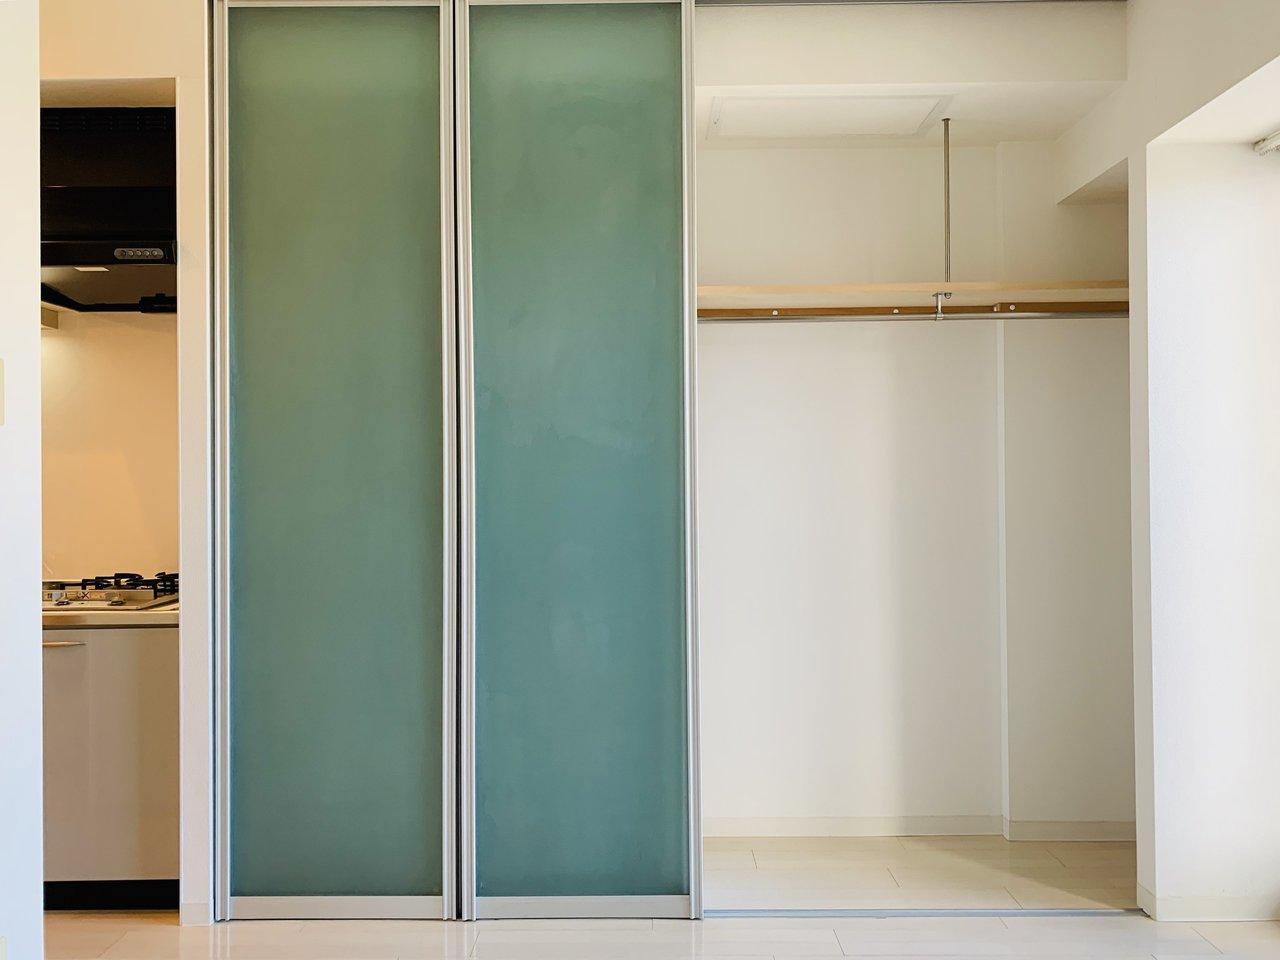 何より、収納スペースが広いのがうれしいところ。左右どちらも開けられるようになっていて、右側はハンガーラックがついて広々タイプ、左側は細かに仕切られた棚が備え付けられています。衣類もこの棚に入れてしまってもいいですね。